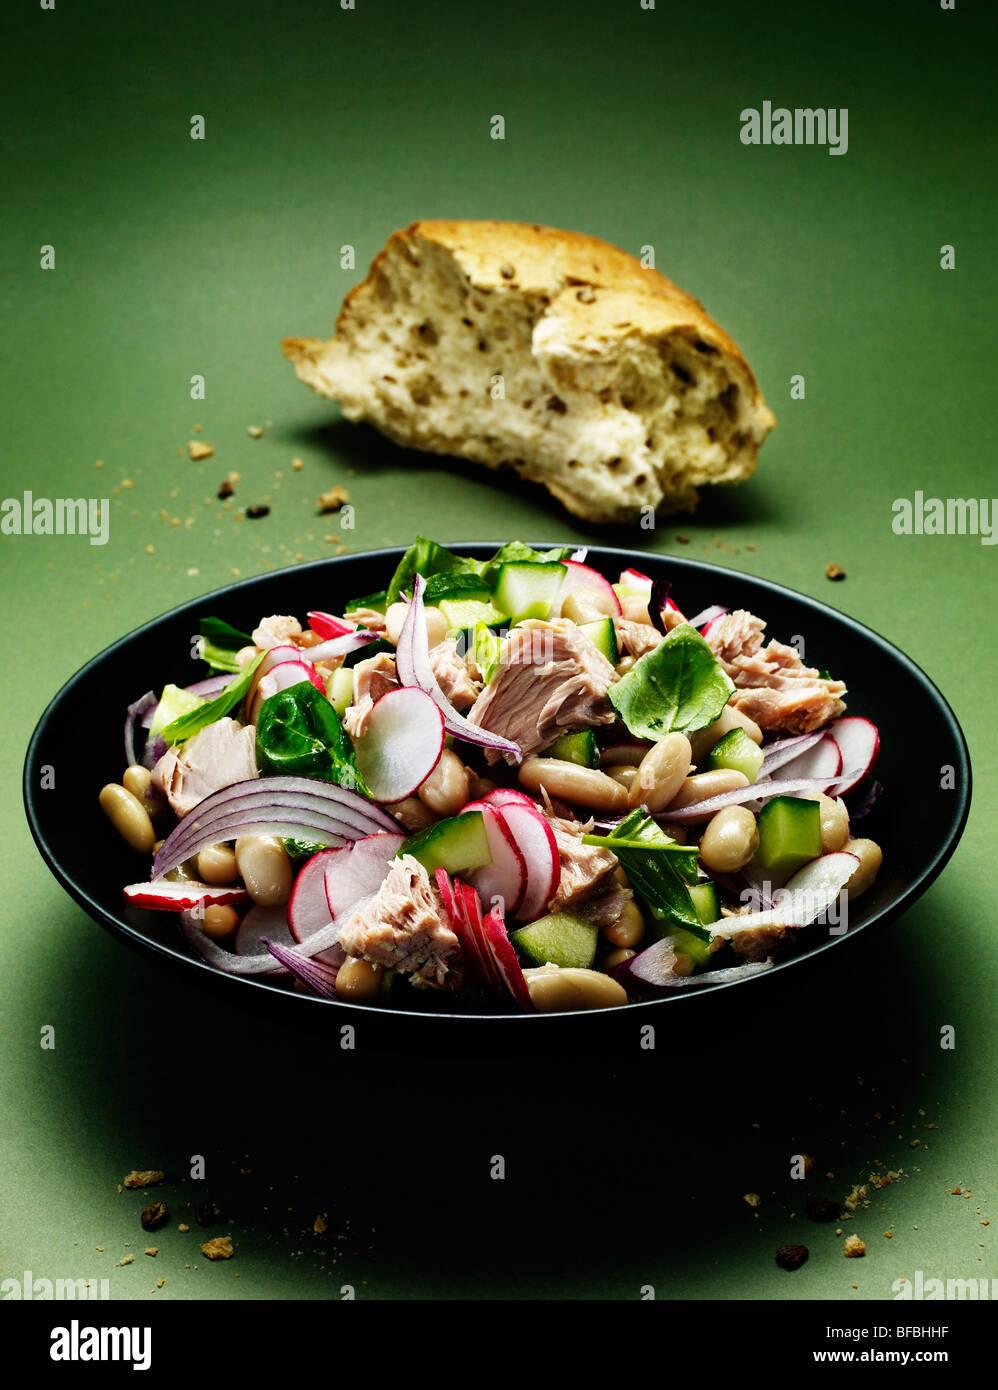 Ensalada de atún y cannellini, con cebolla roja, albahaca, rábano y pepino servidor con pan integrales. Imagen De Stock